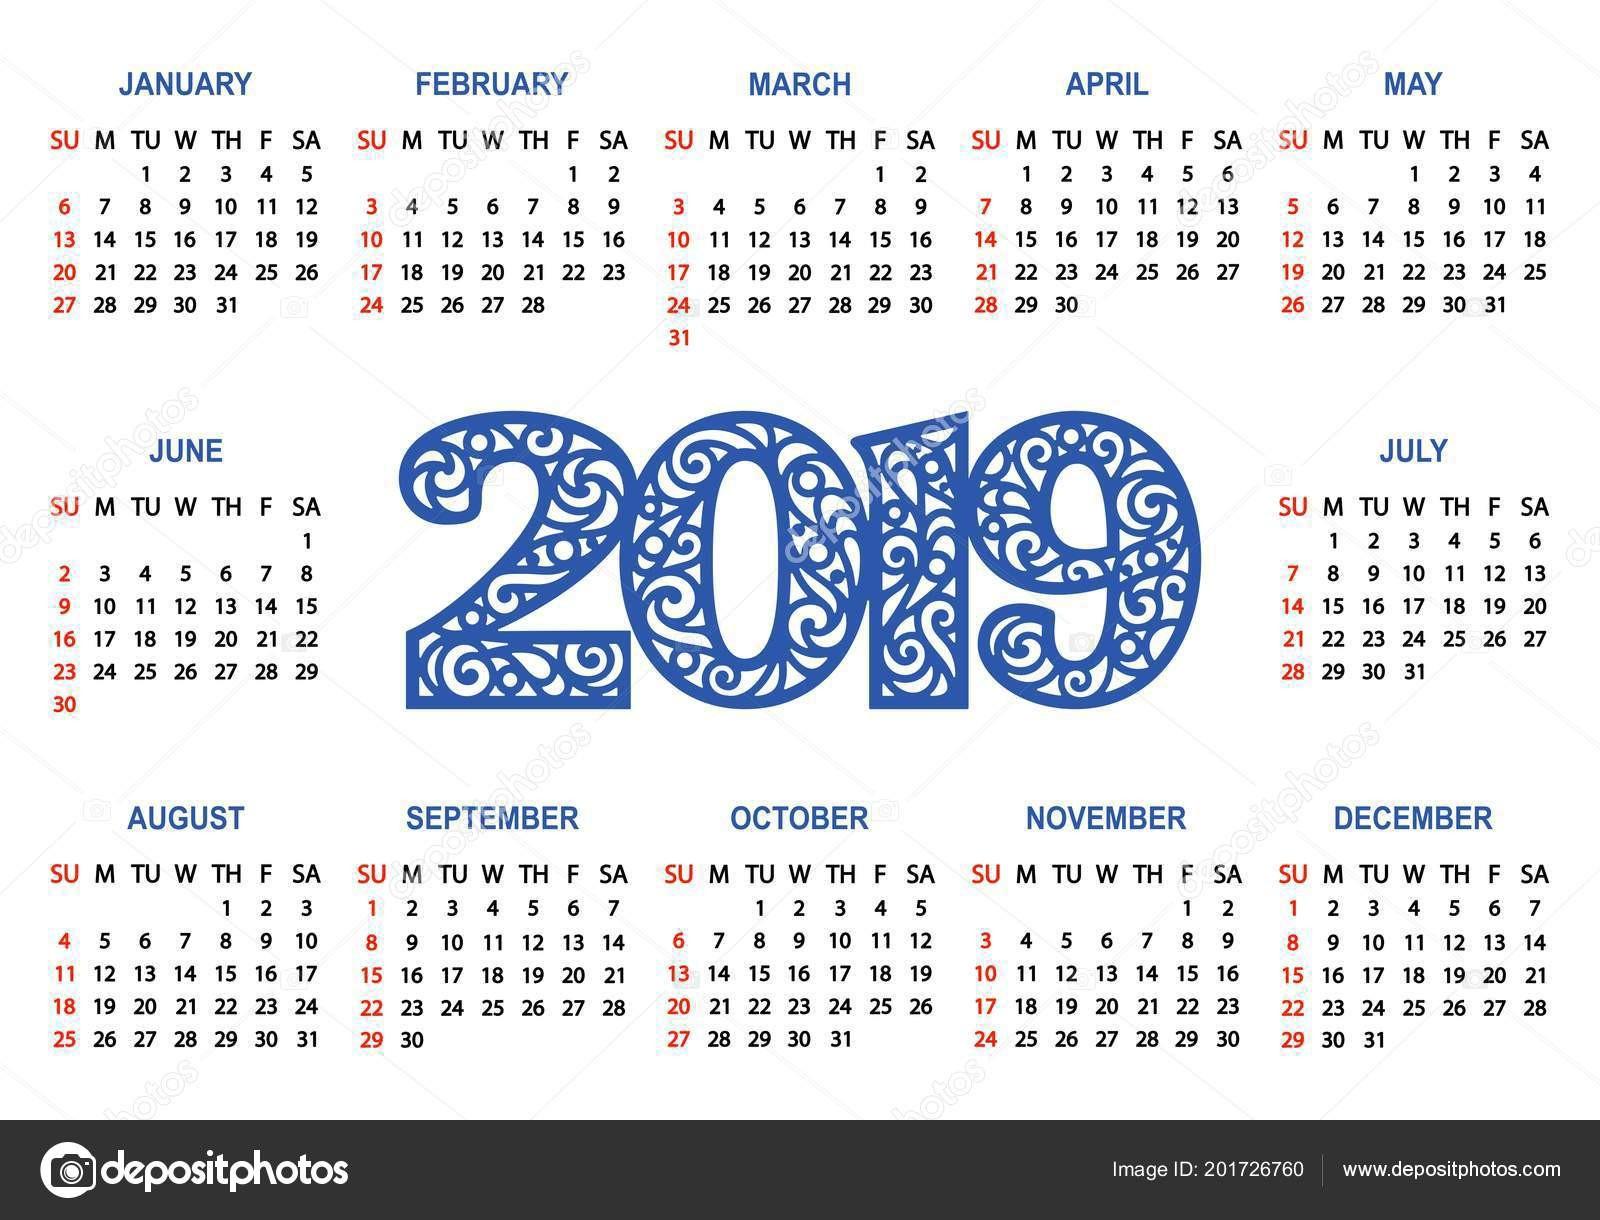 Calendario 2019 Con Festivos Usa Más Recientes Kalendář 2019 Blém Pozad T½den Začná Neděli Základn MřÅ¾ka Of Calendario 2019 Con Festivos Usa Más Populares Impresionante 35 Dise±o Calendario E2019